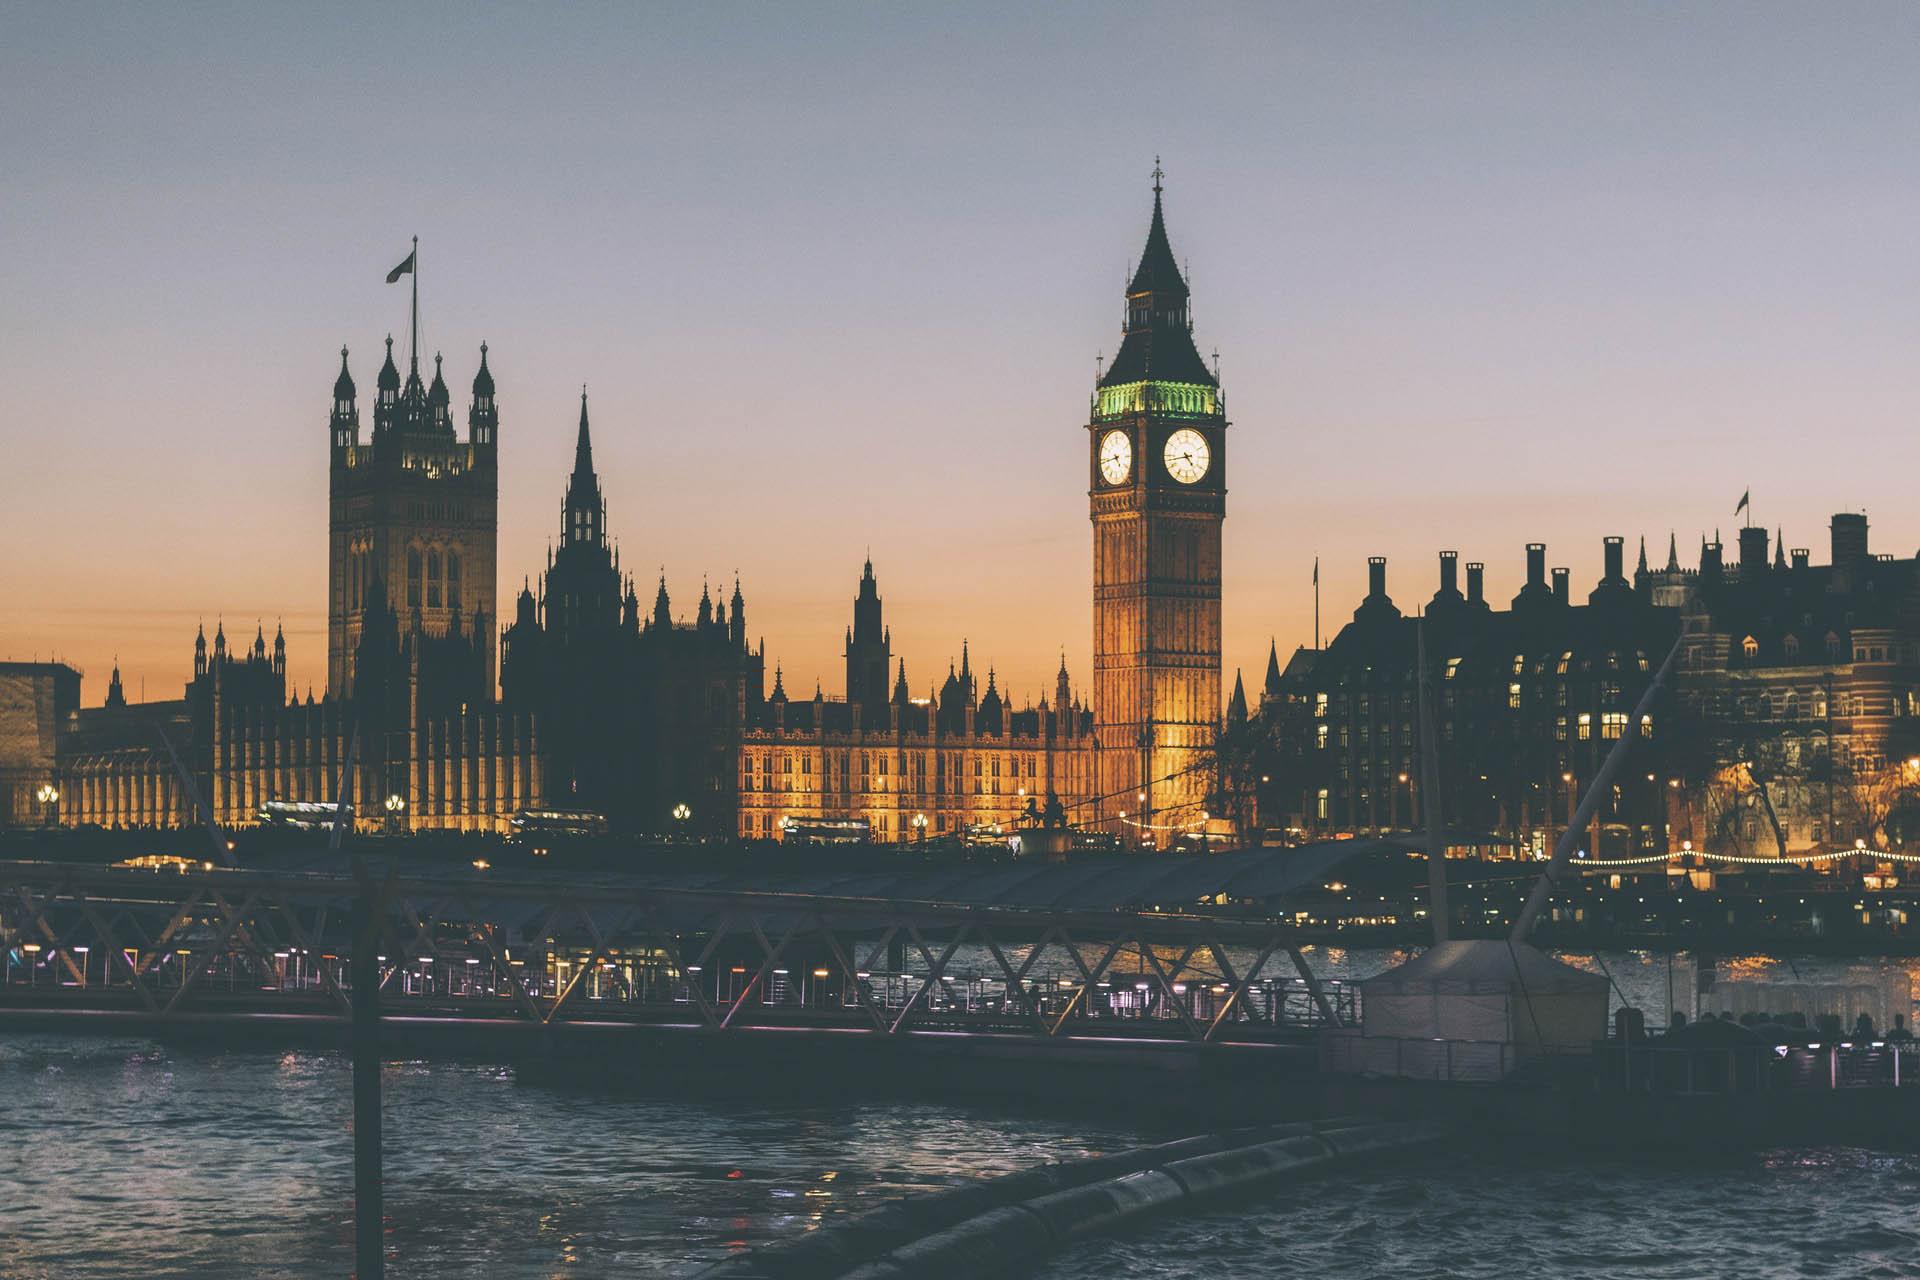 Những thành phố đáng sống: Manchester nổi tiếng với những sân khấu âm nhạc tuyệt vời, Oxford với bề dày lịch sử...London vừa mang tính biểu tượng, văn hóa và nét đẹp hài hòa cho tất cả.